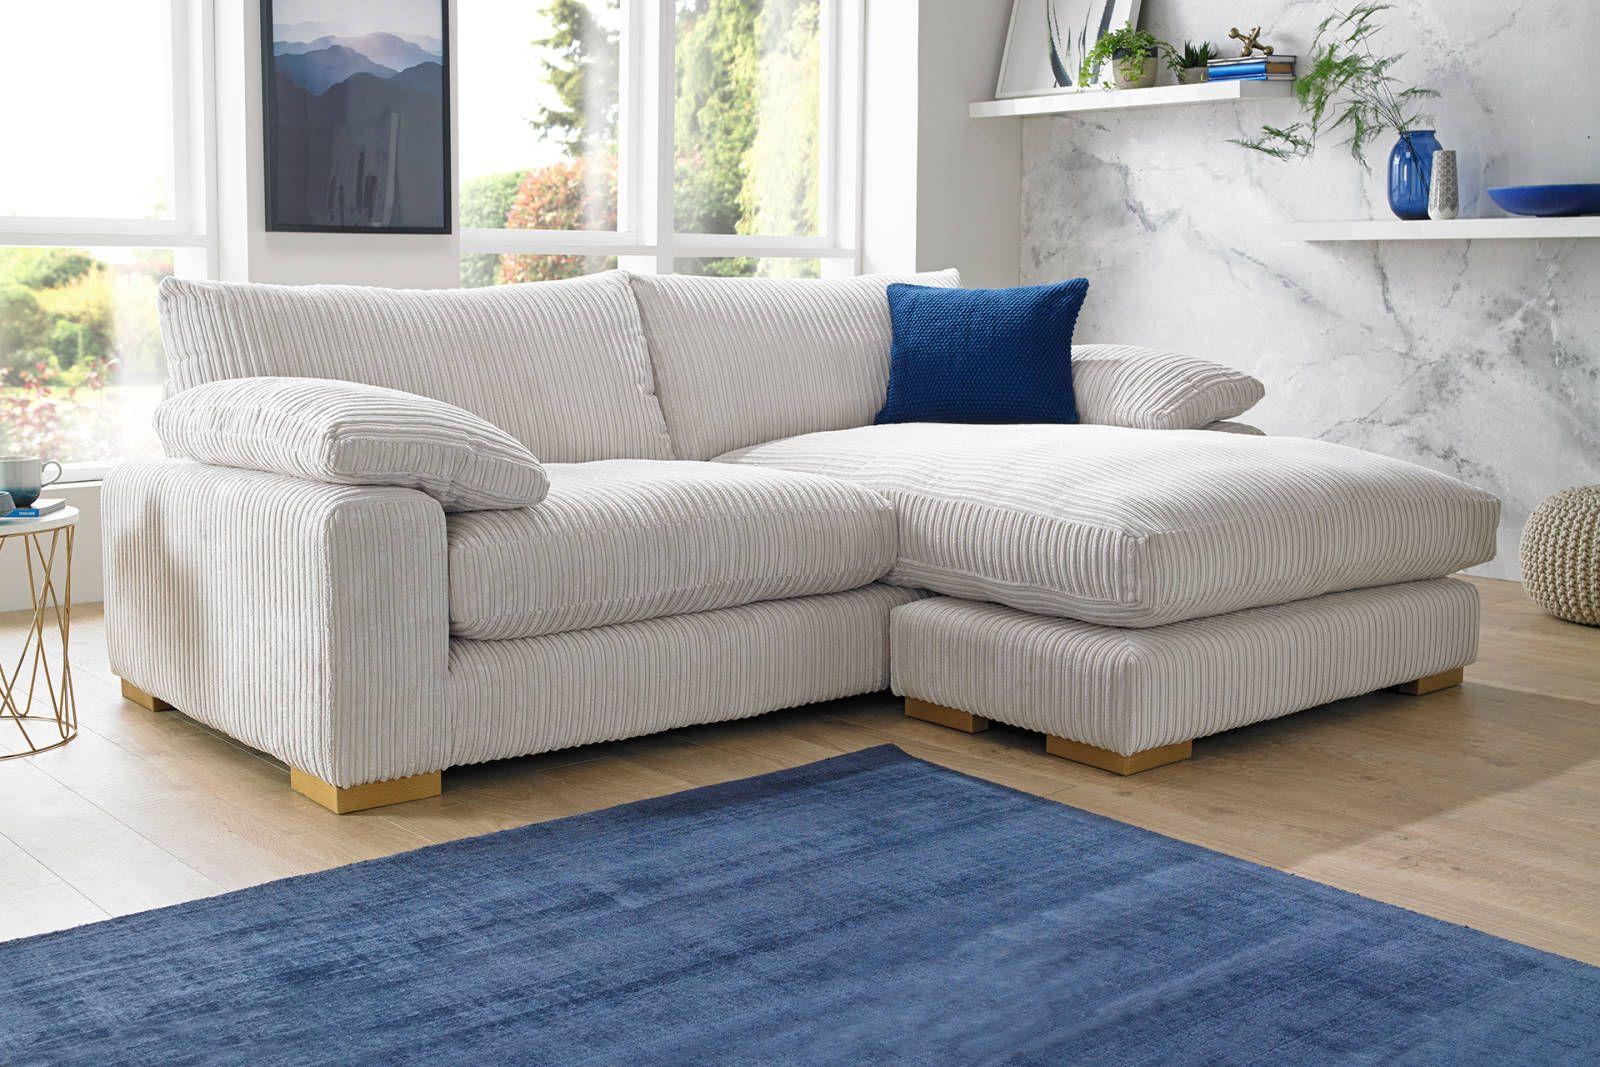 buy popular e4837 a90a3 Coco | Sofology | sofas | Sofa, Fabric sofa, Furniture